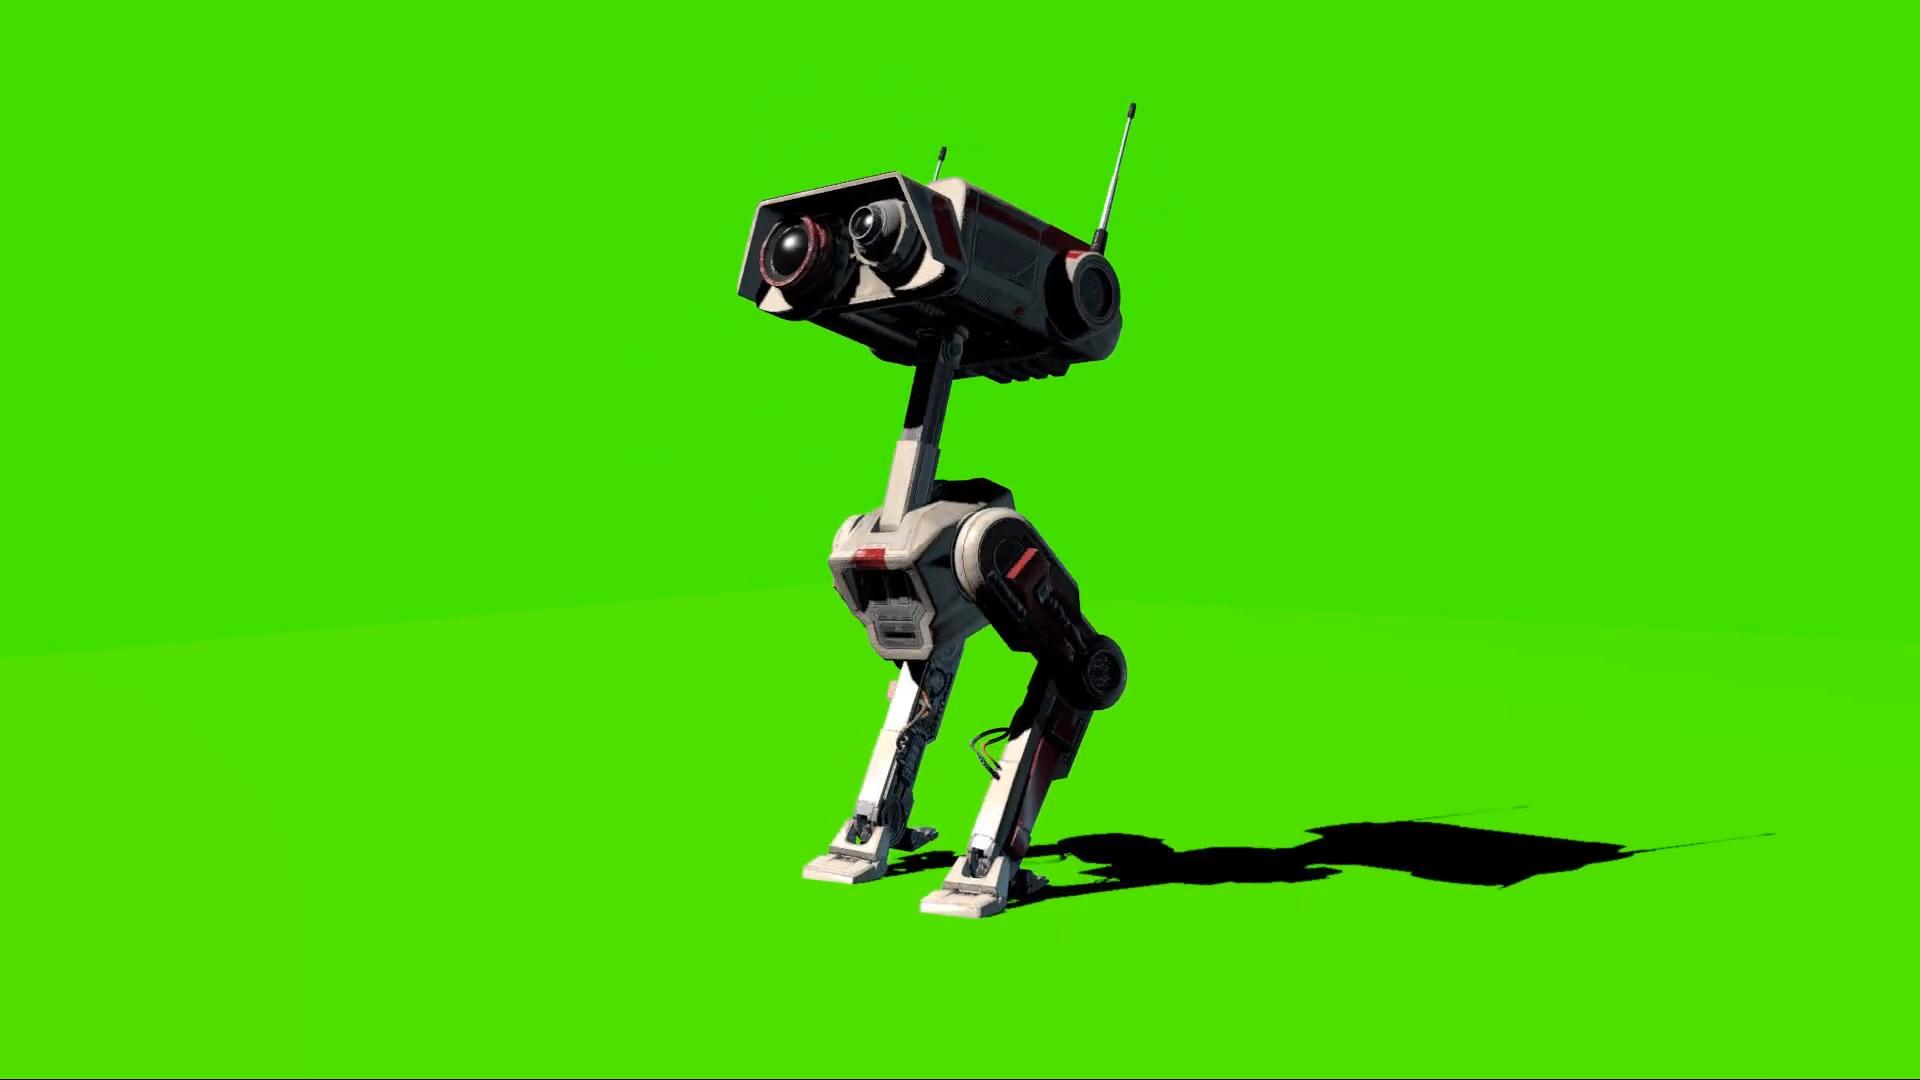 绿幕抠像-《星球大战》中的探索机器人绿屏3D动画